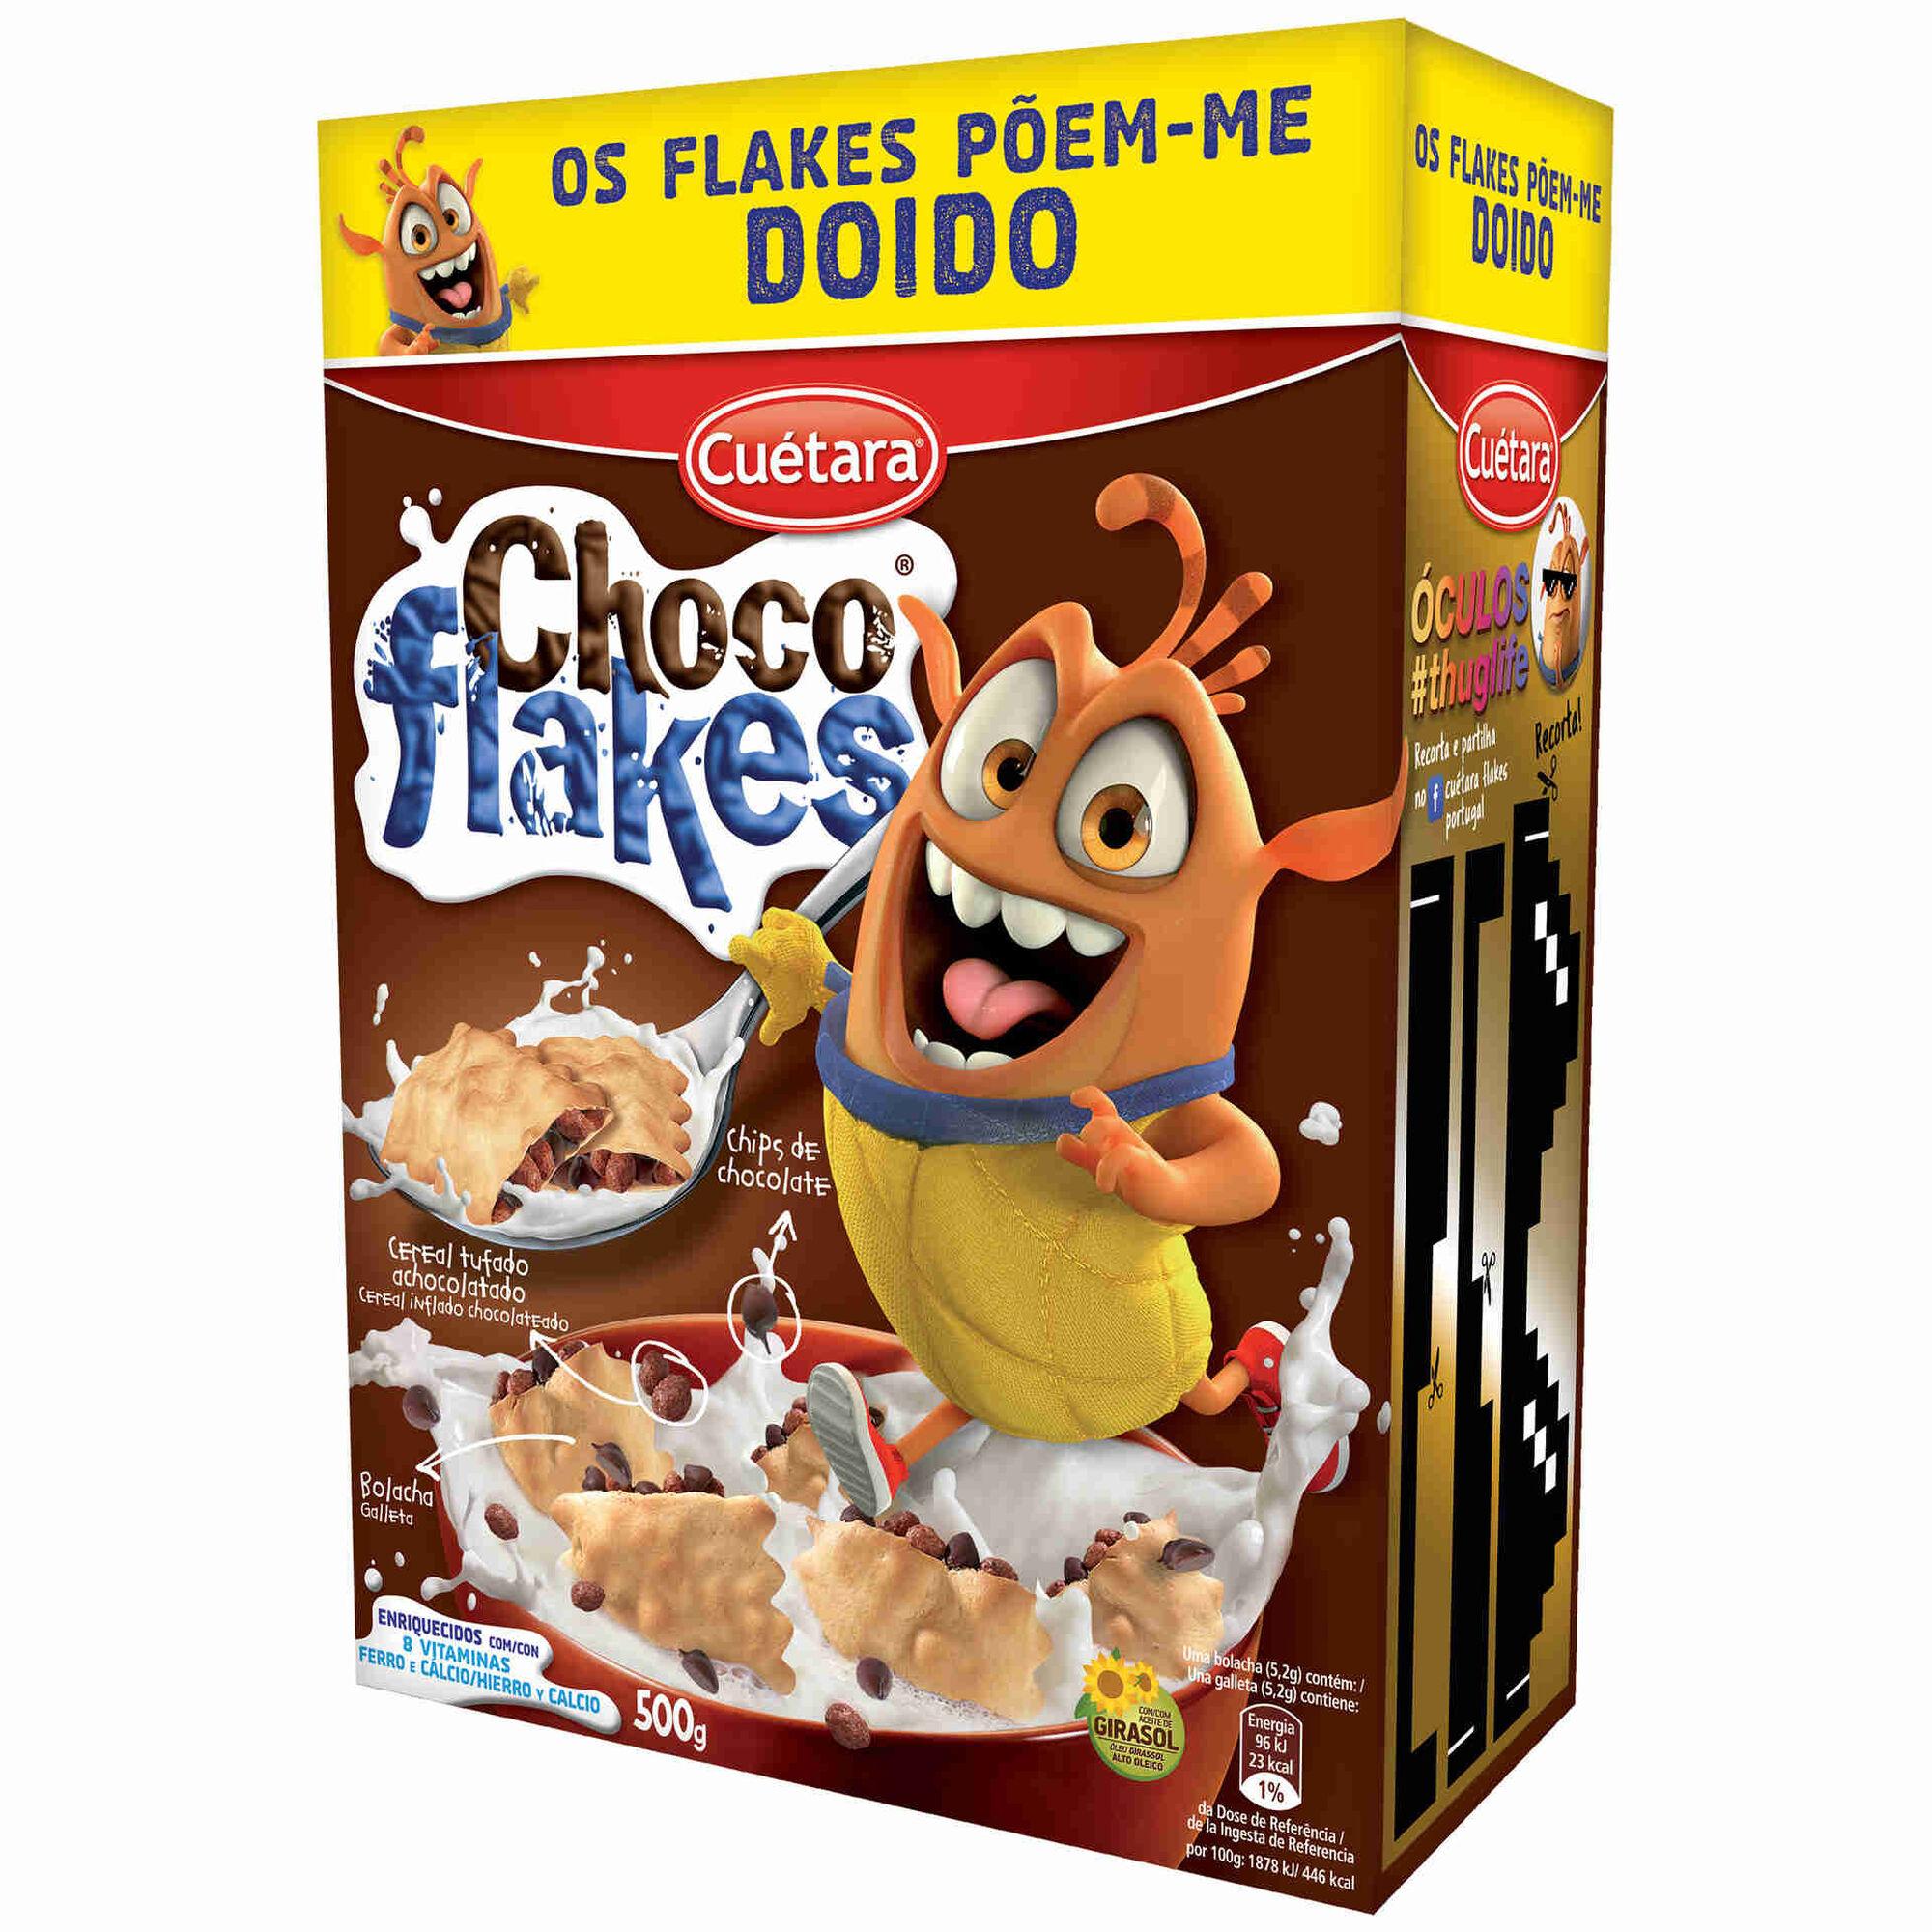 Bolachas Recheadas Choco Flakes